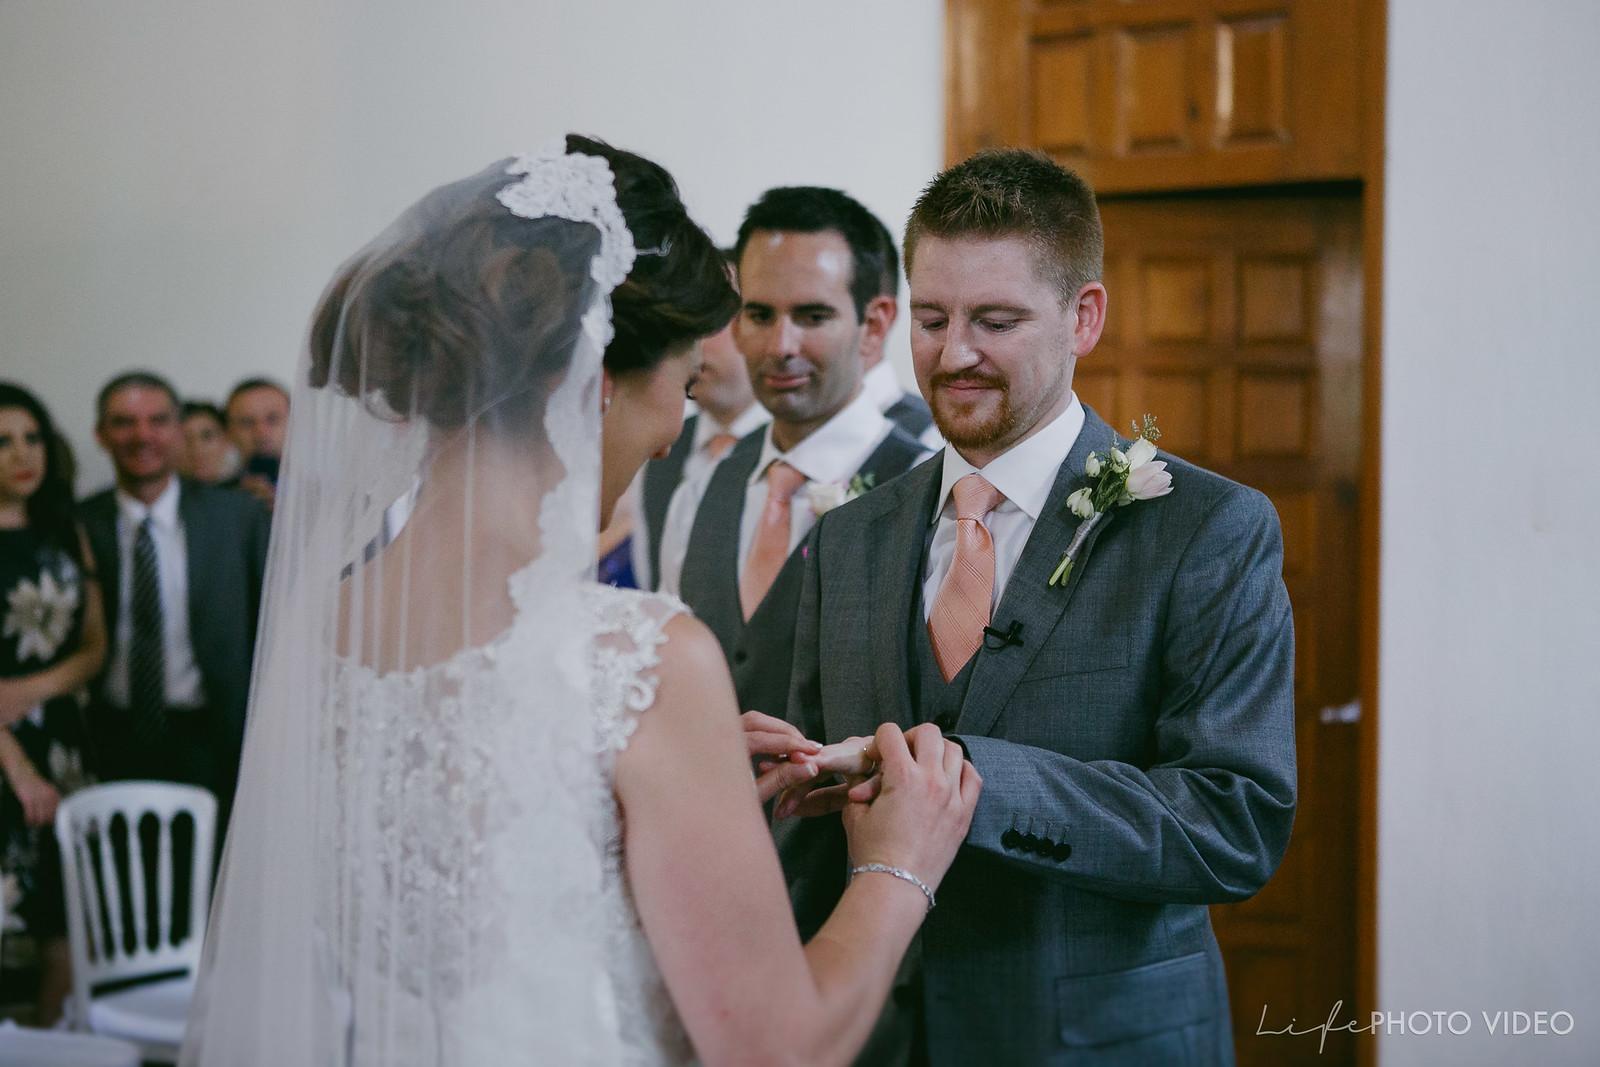 LifePhotoVideo_Boda_LeonGto_Wedding_0034.jpg